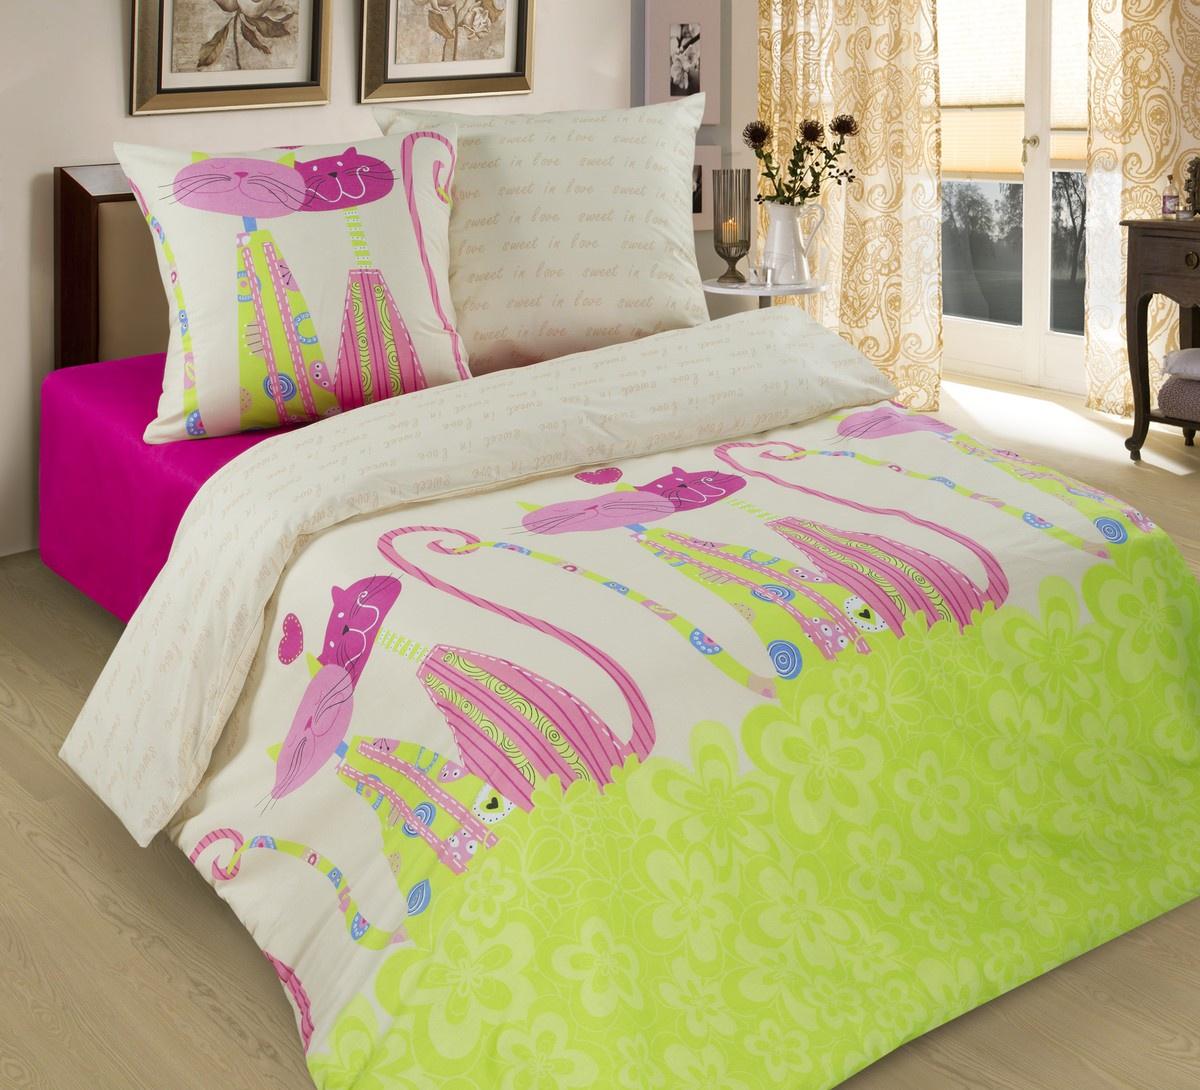 Комплект постельного белья Традиция для сна и отдыха